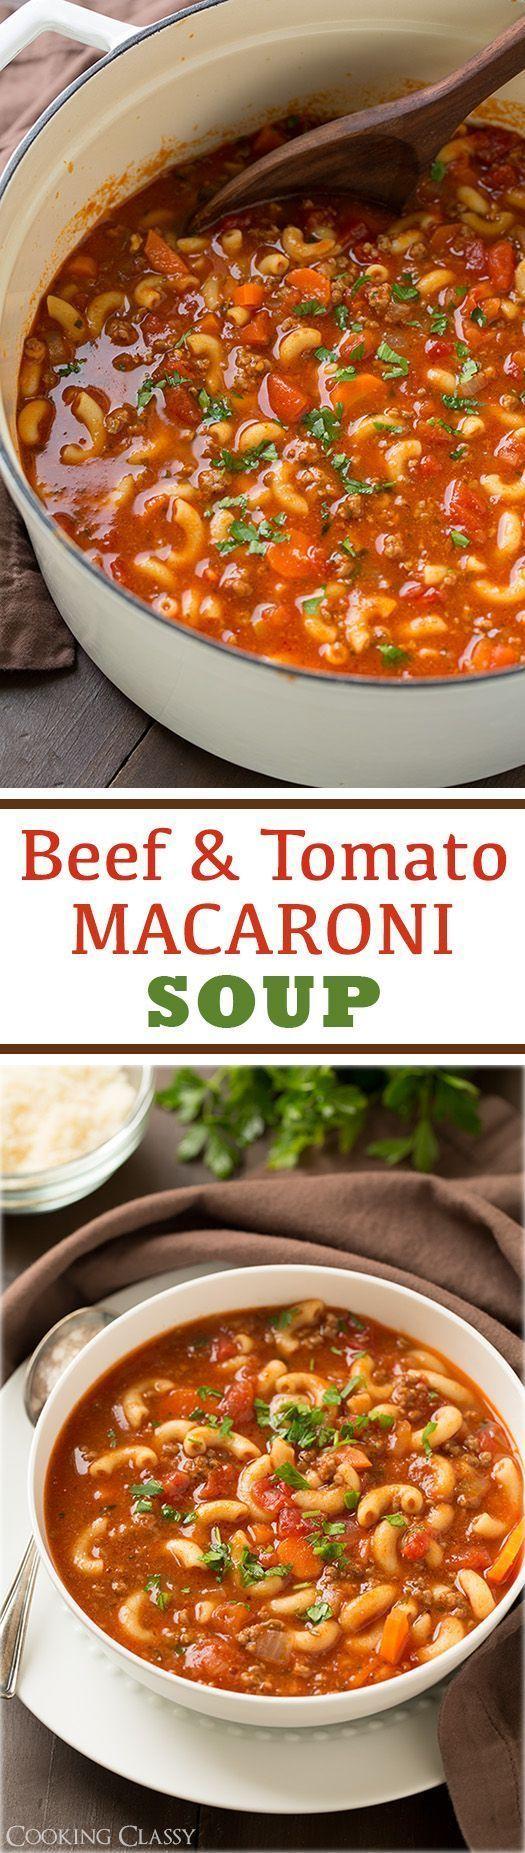 Beef and Tomato Macaroni Soup - aka goulash. This is pure comfort food! Delish!